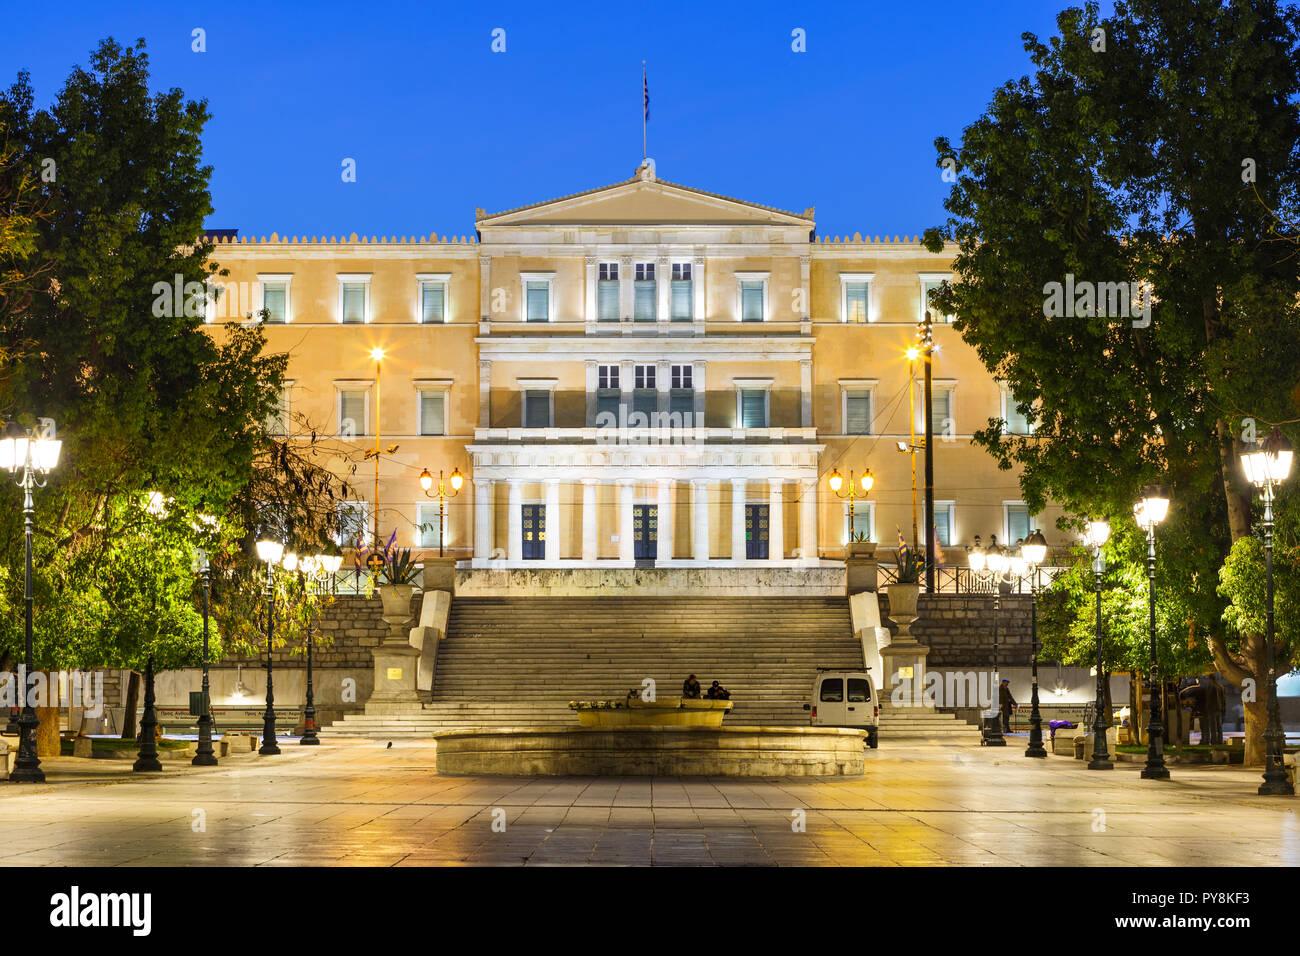 Athen, Griechenland - 24. Oktober 2018: Gebäude des Griechischen Parlaments auf dem Syntagma-Platz in Athen. Stockfoto